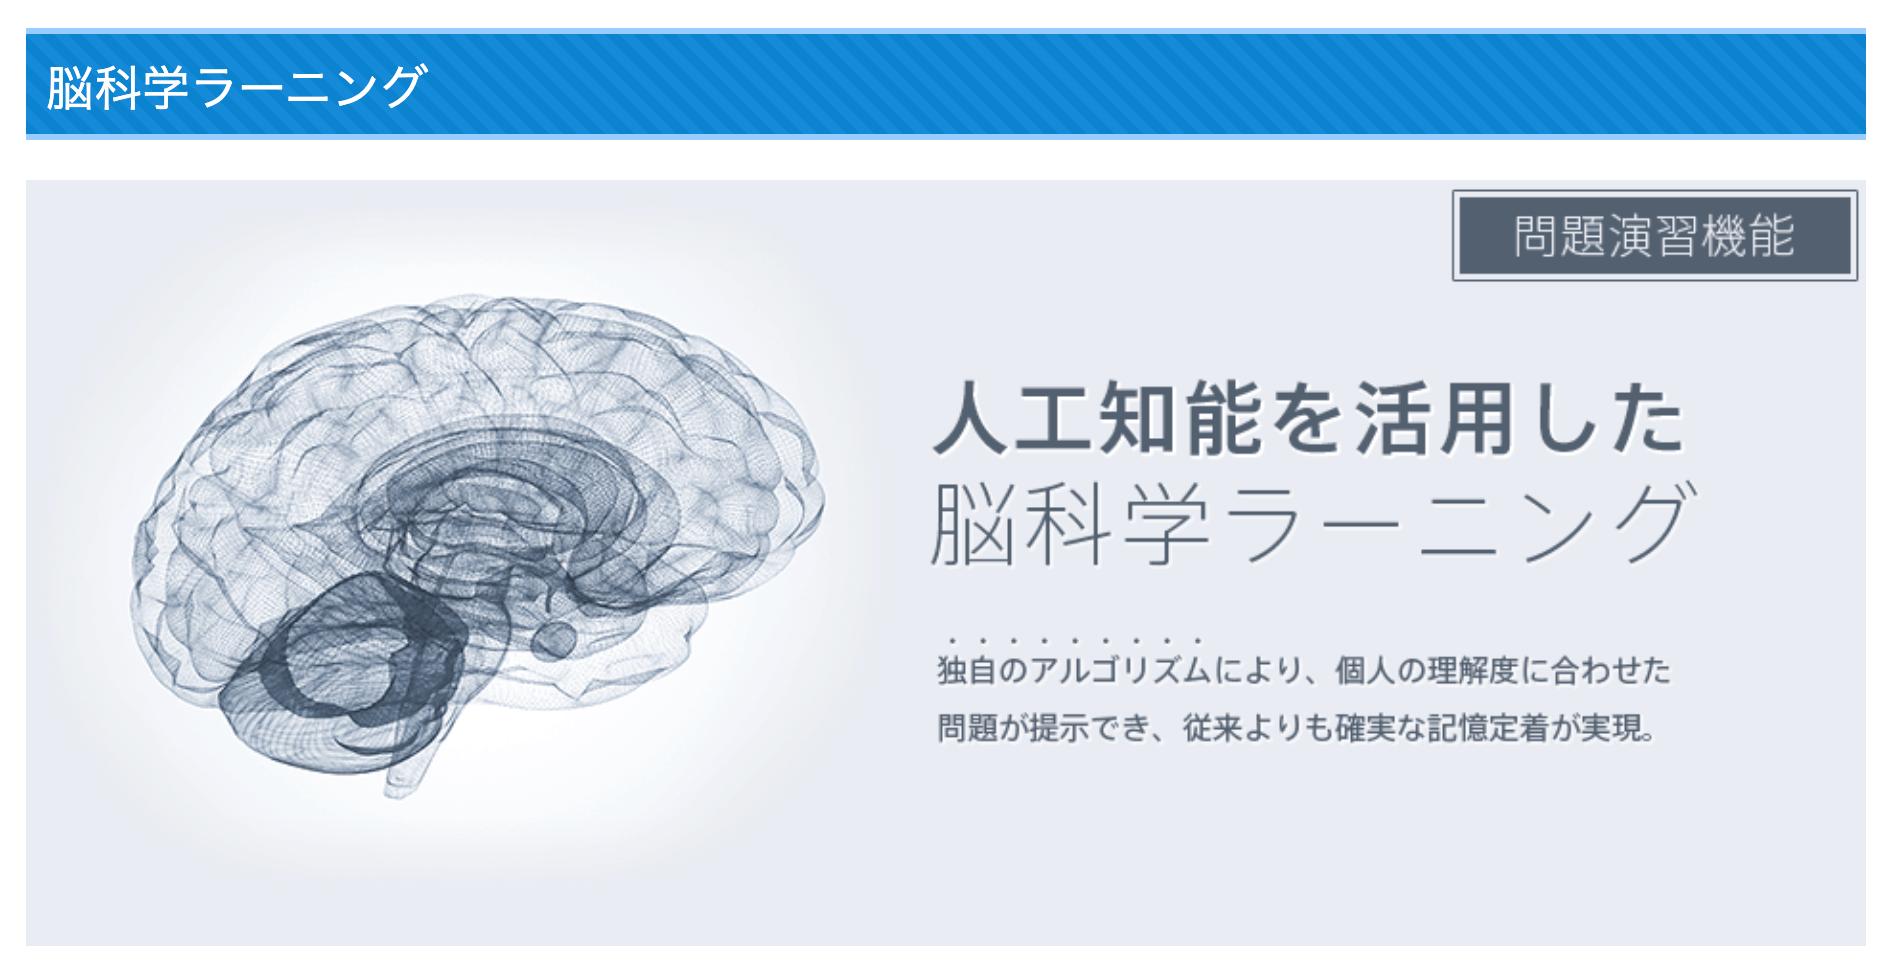 資格スクエア 行政書士 脳科学